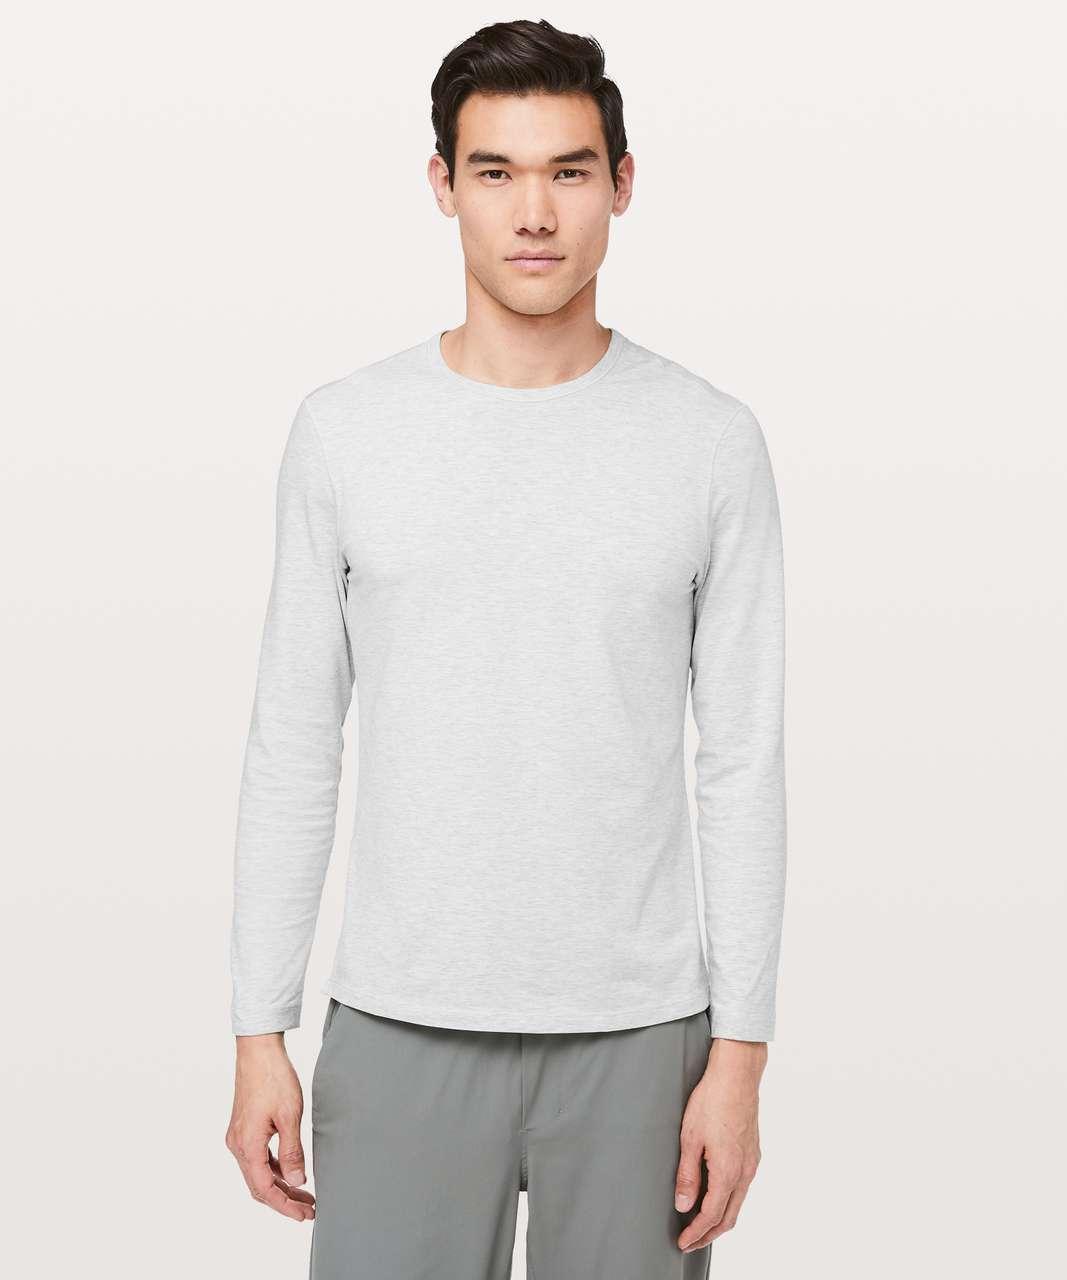 Lululemon 5 Year Basic Long Sleeve - Heathered Core Ultra Light Grey